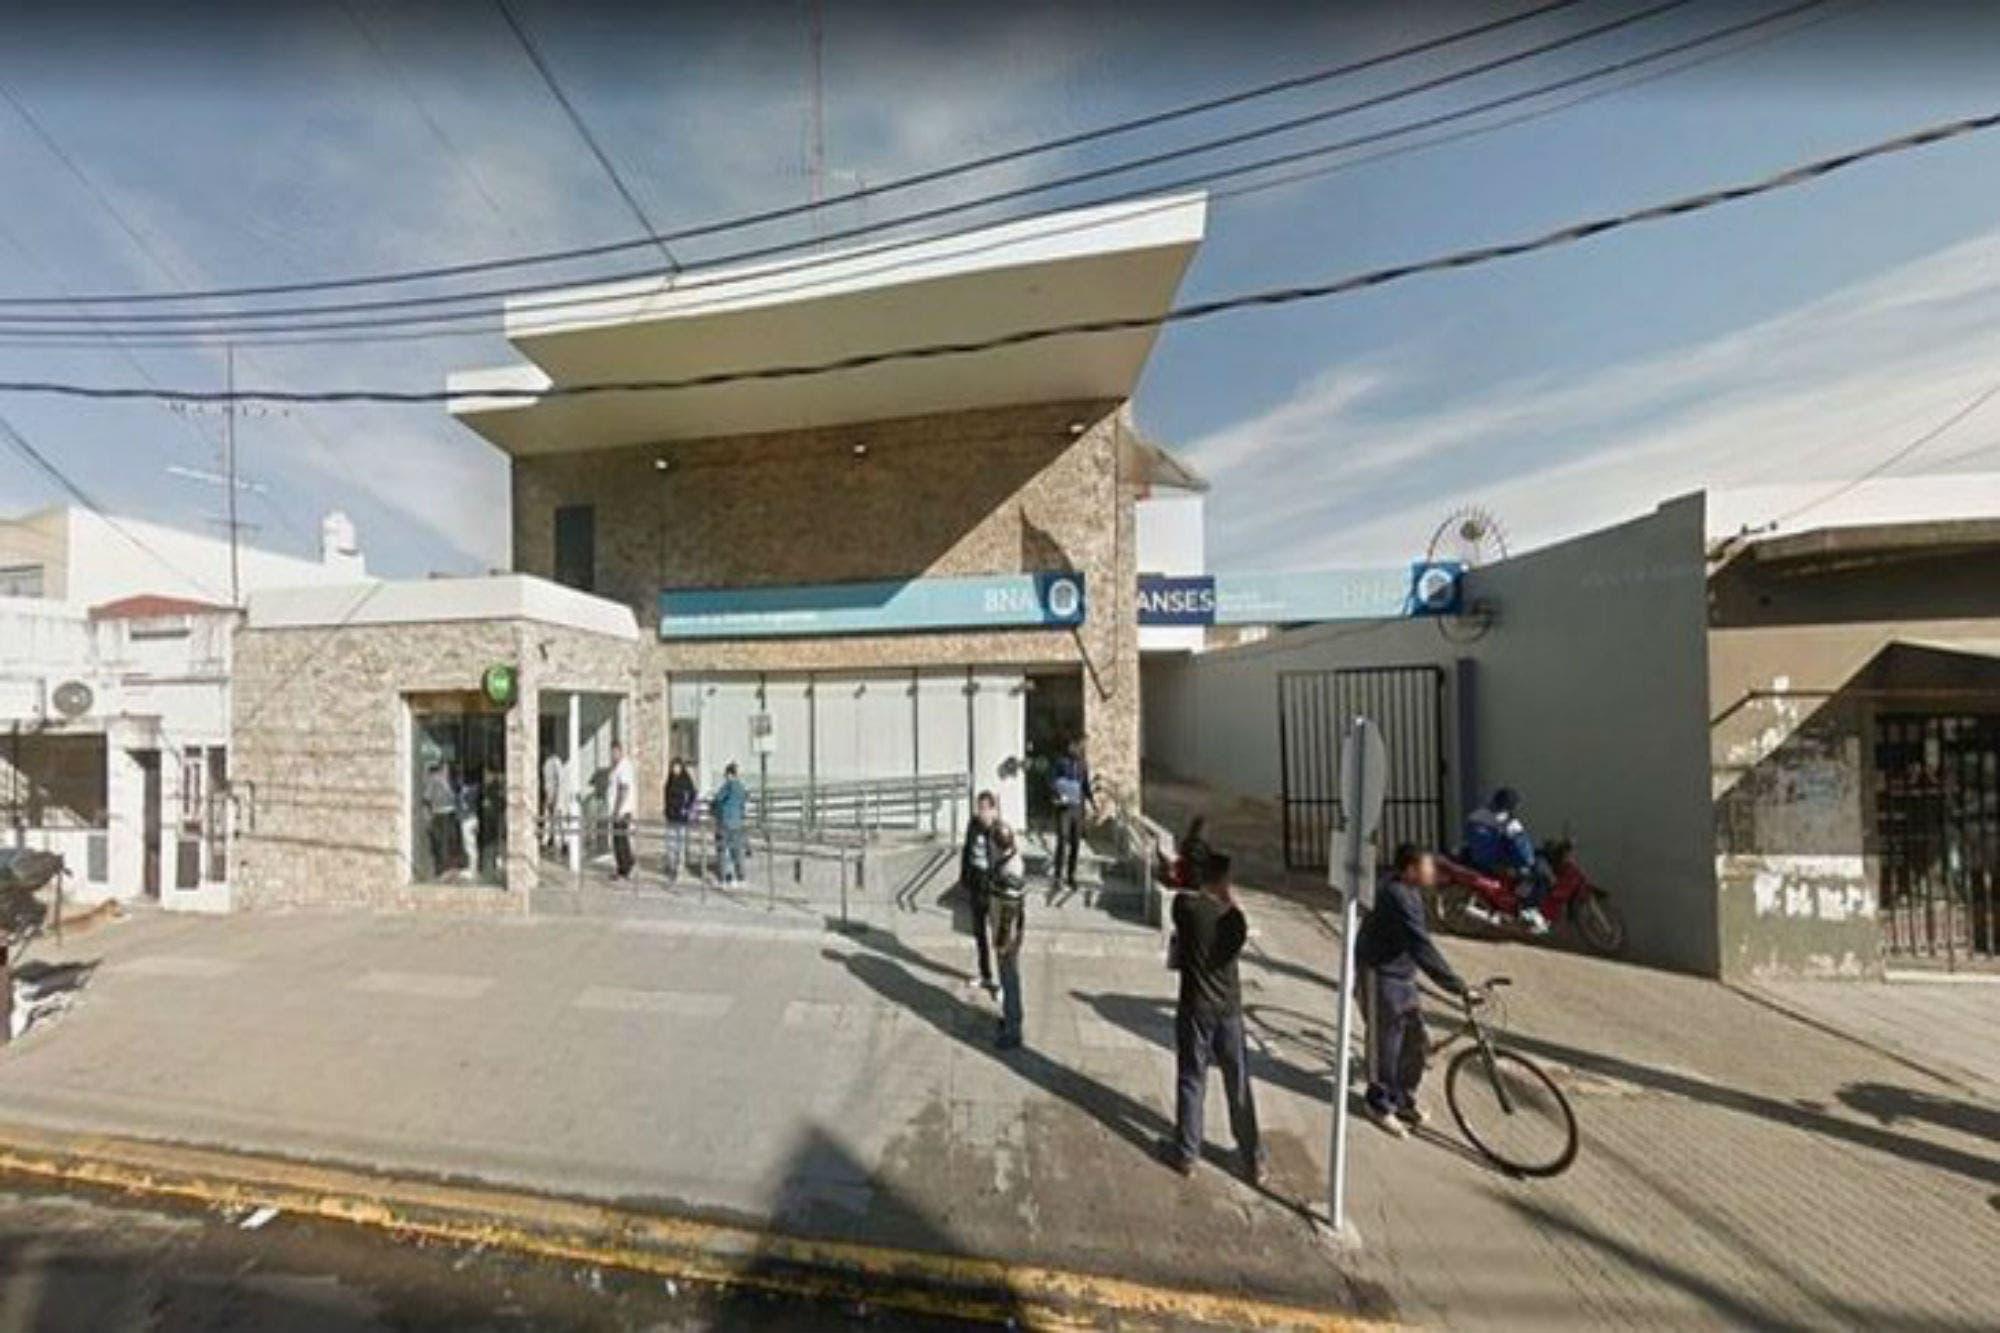 El lunes no habrá bancos durante dos horas por el crimen de un cajero